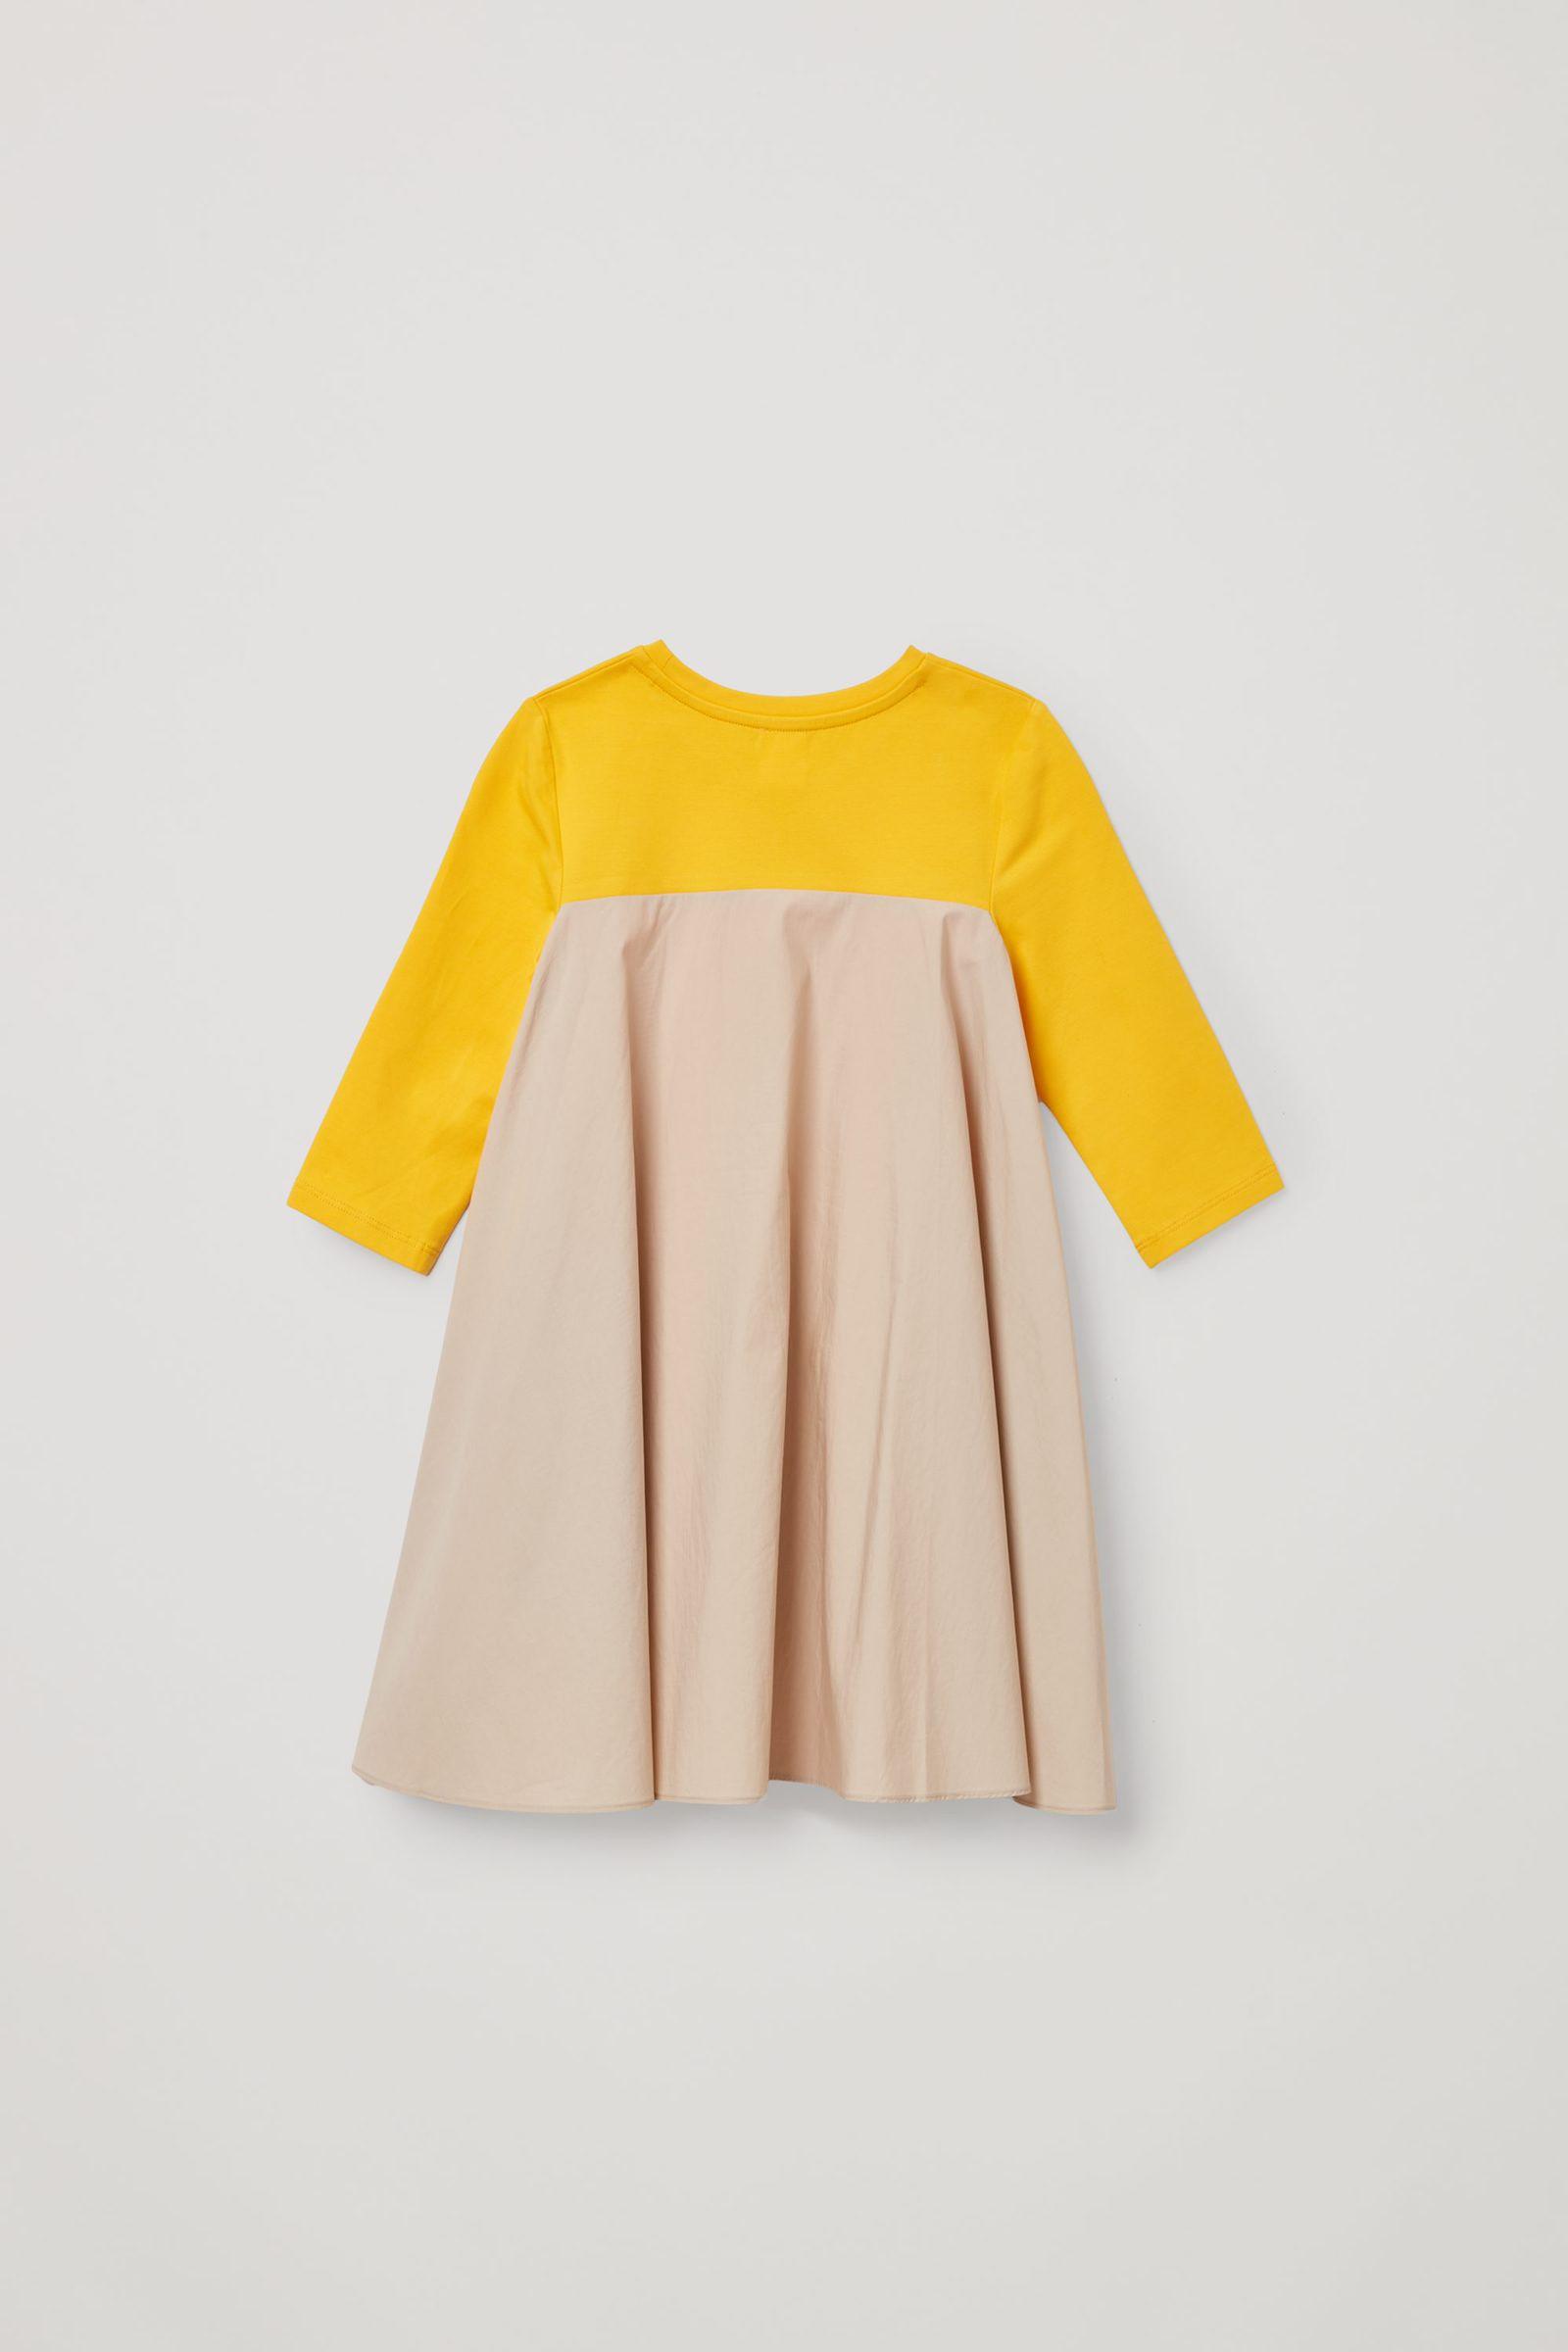 COS 오가닉 코튼 A라인 패널 드레스의 옐로우컬러 Product입니다.